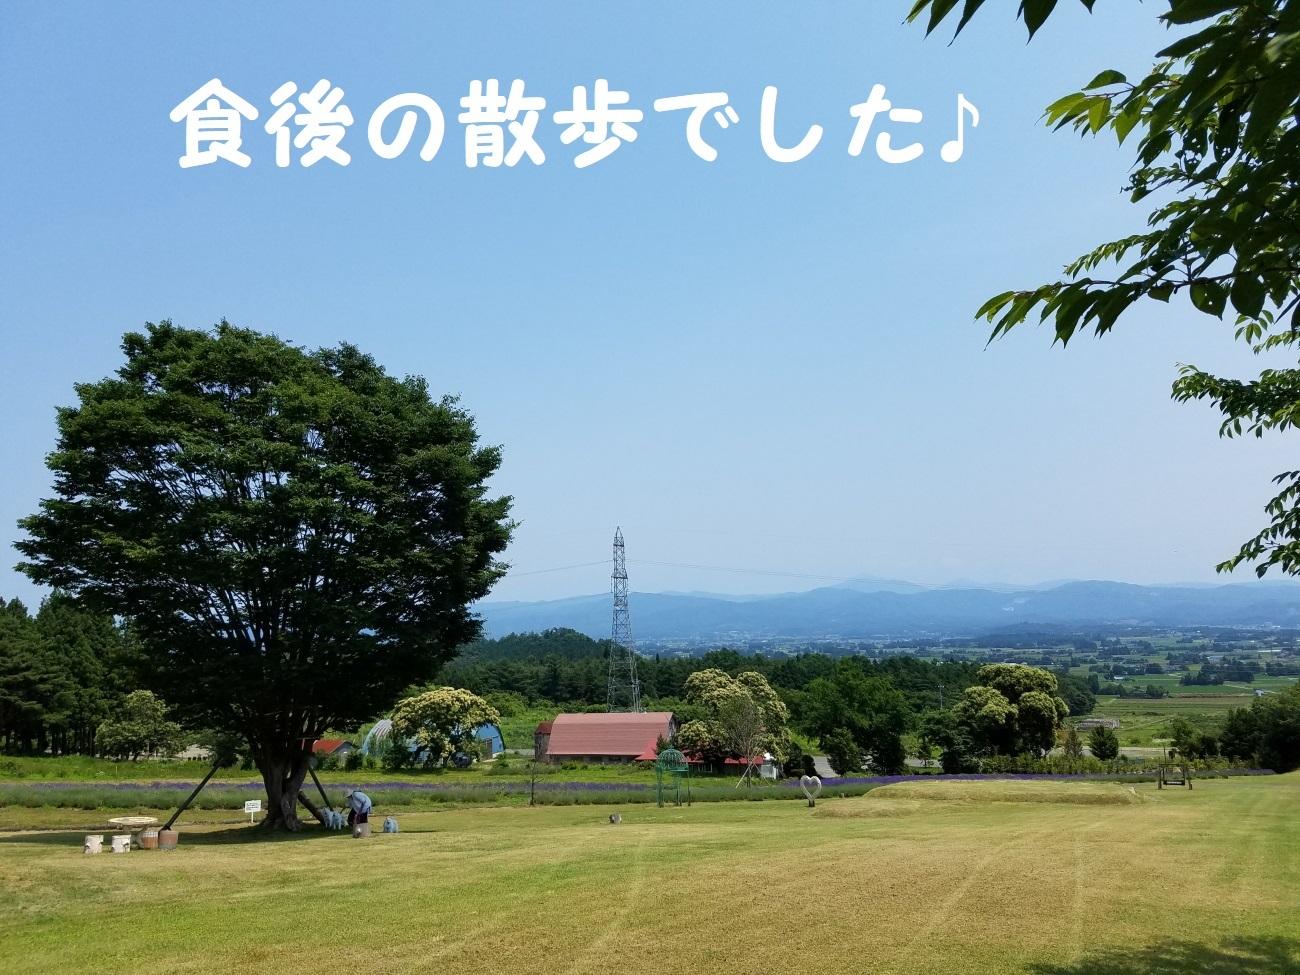 20170707_120534.jpg